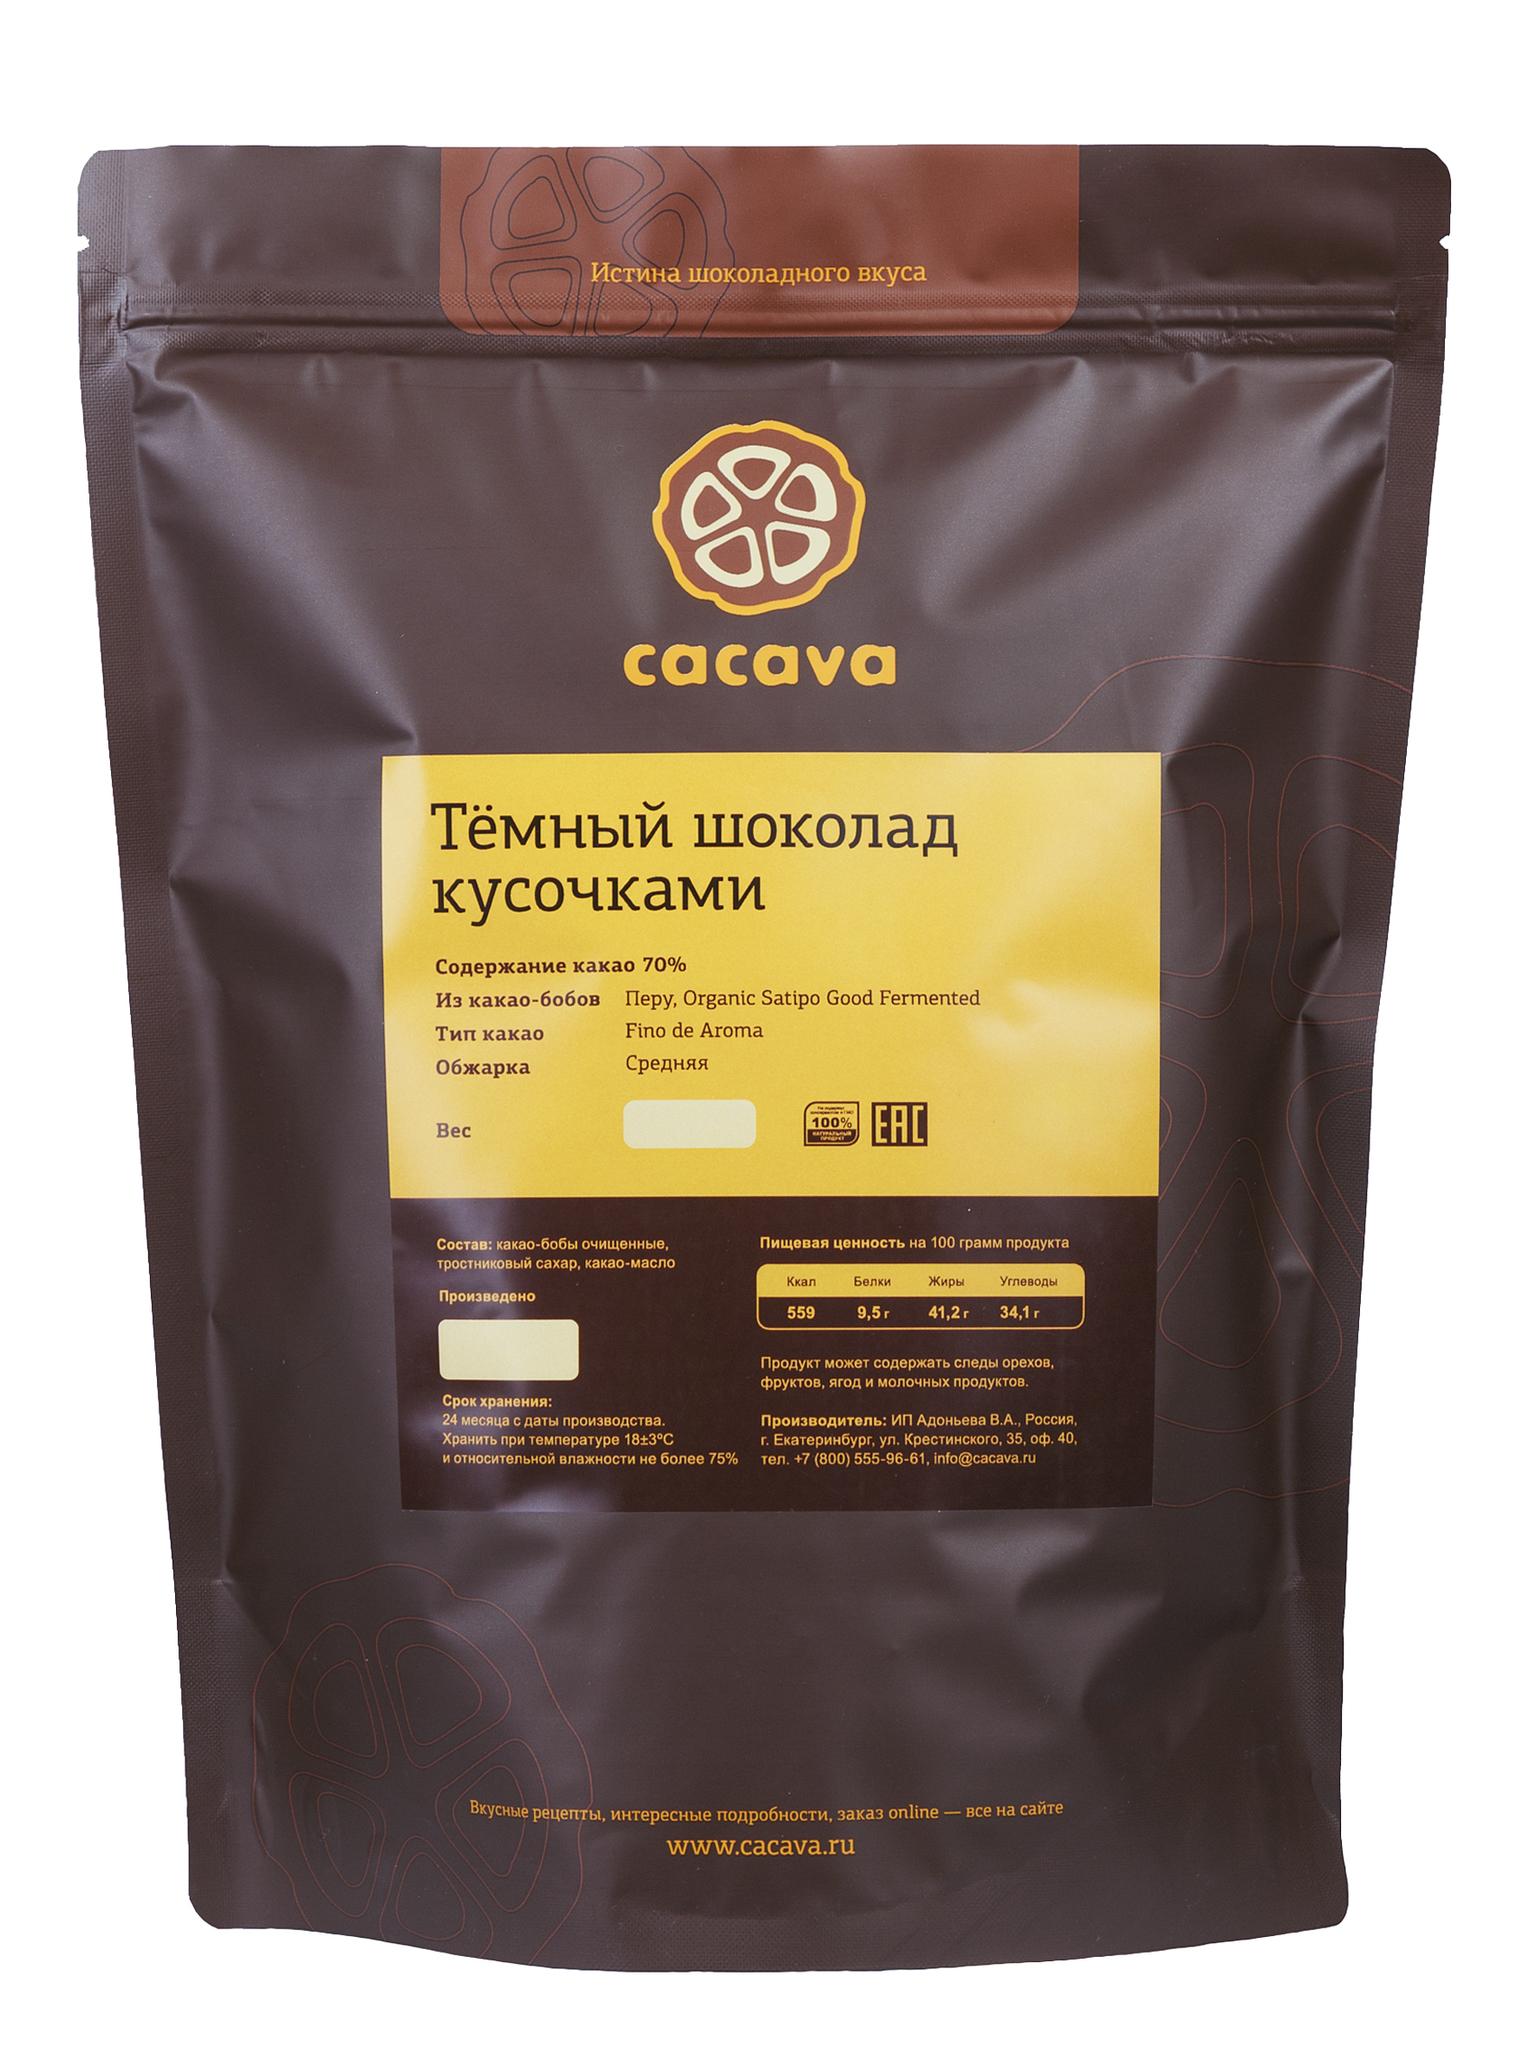 Тёмный шоколад 70 % какао (Перу, Good Fermented), упаковка 1 кг